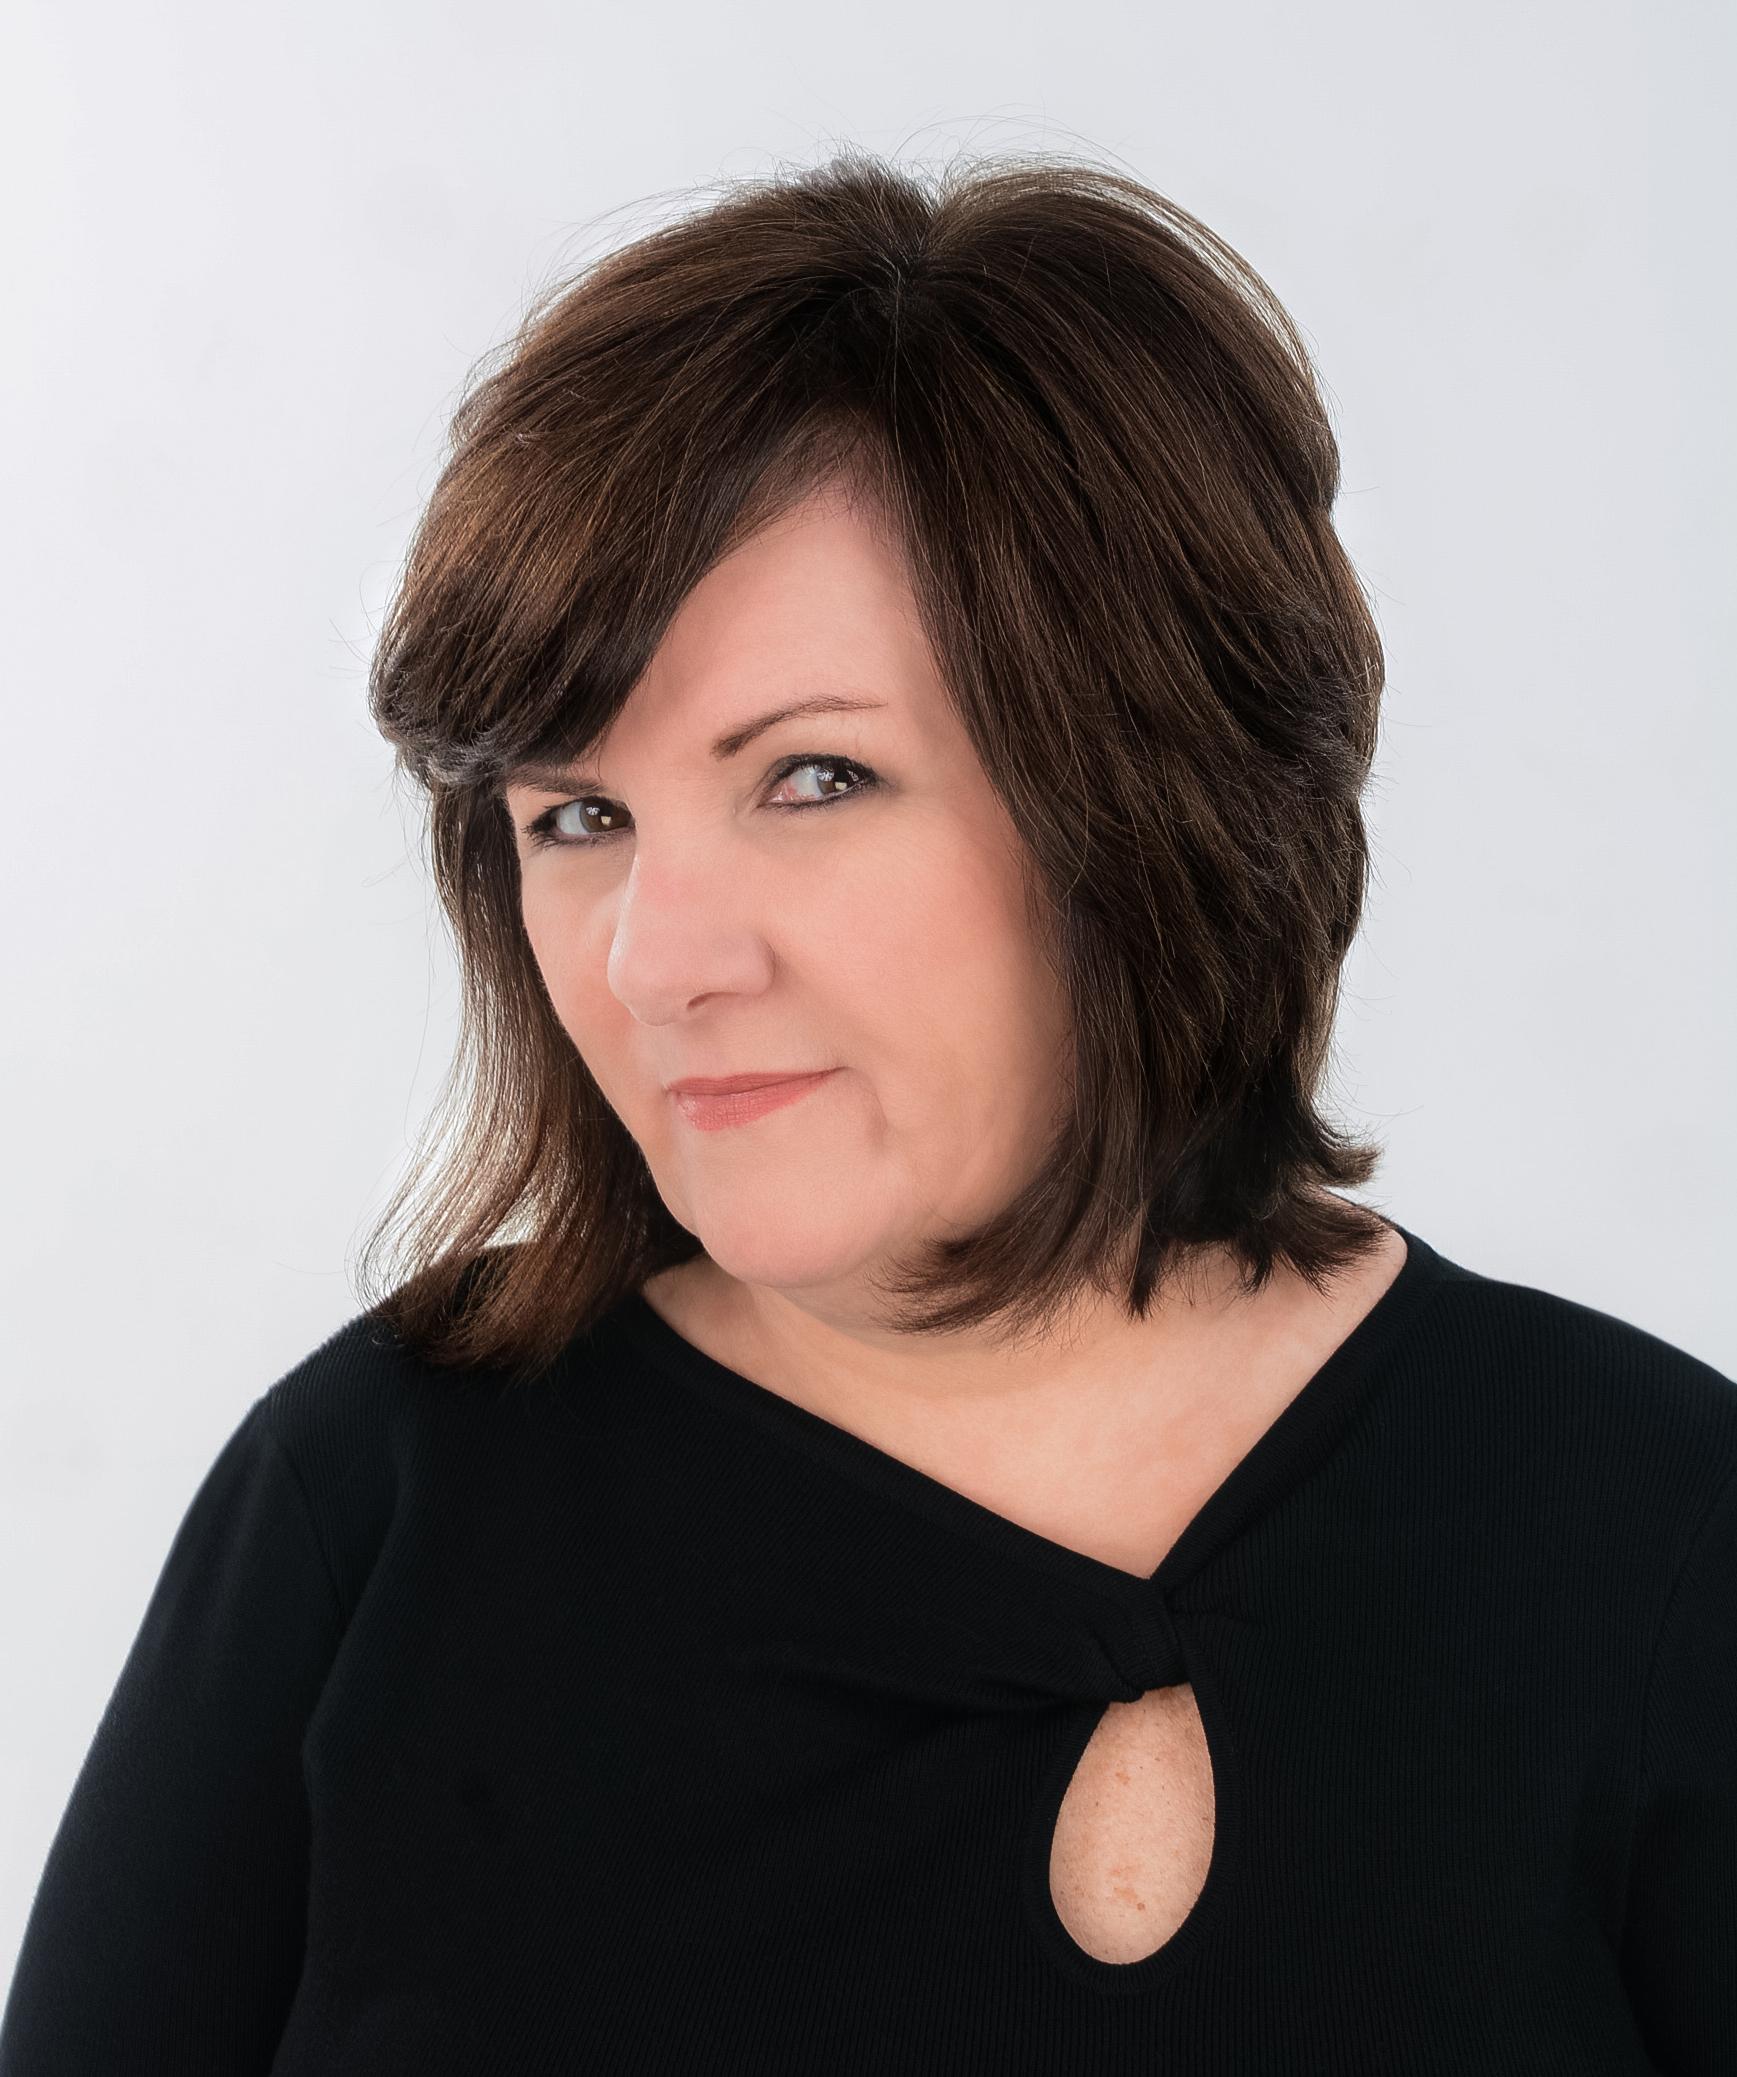 Ellen Lopez - Founder and principal designer of EL Design Studio Inc.